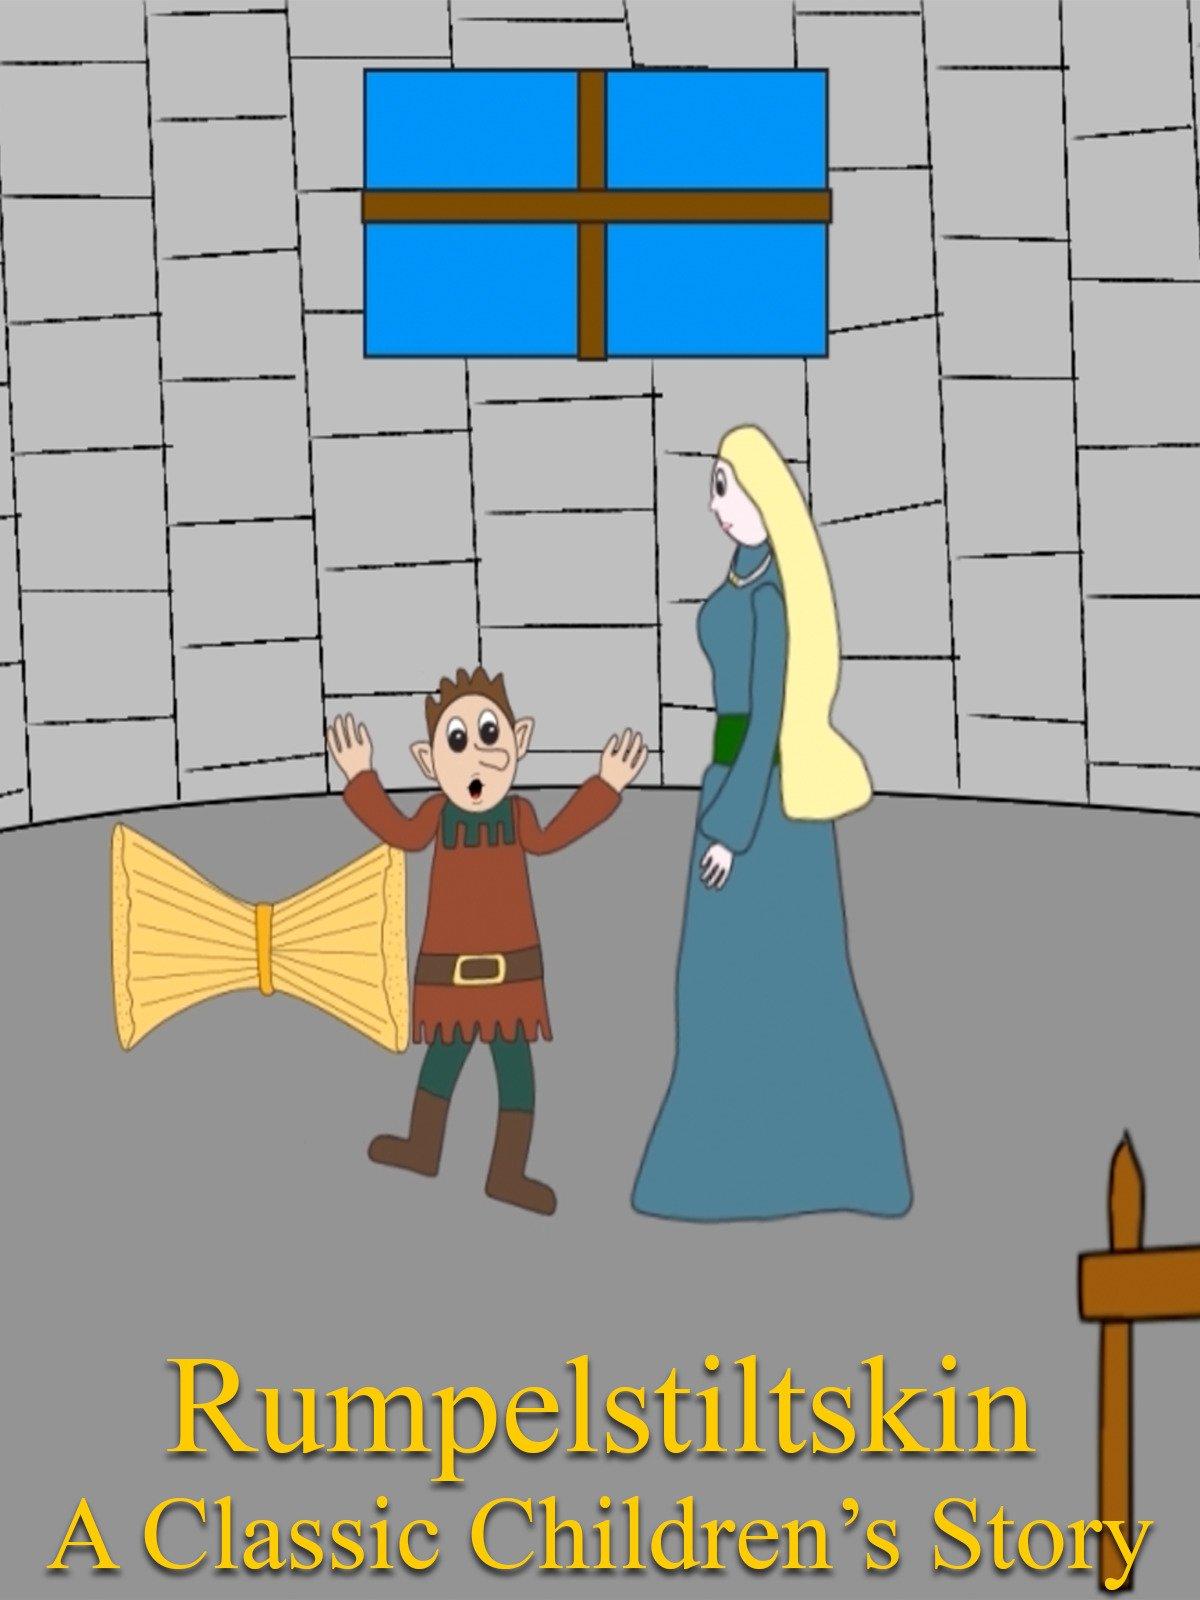 Rumpelstiltskin A Classic Children's Story